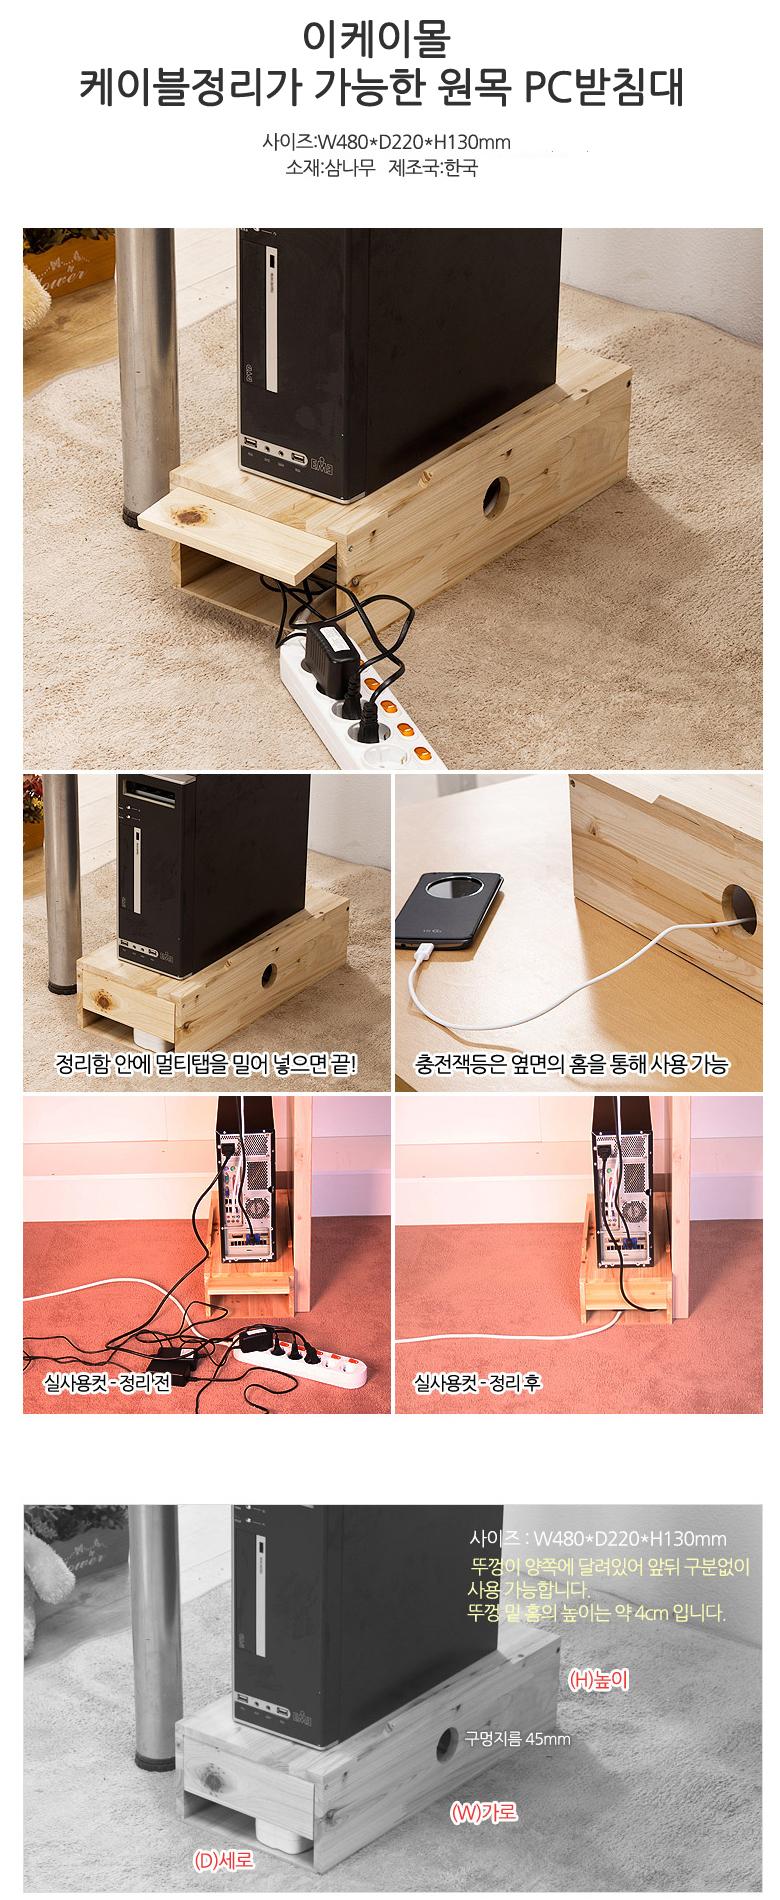 이케이몰 케이블정리가 가능한 원목 PC받침대 FM-26 - 이케이몰, 32,900원, 데스크가구, 모니터받침대